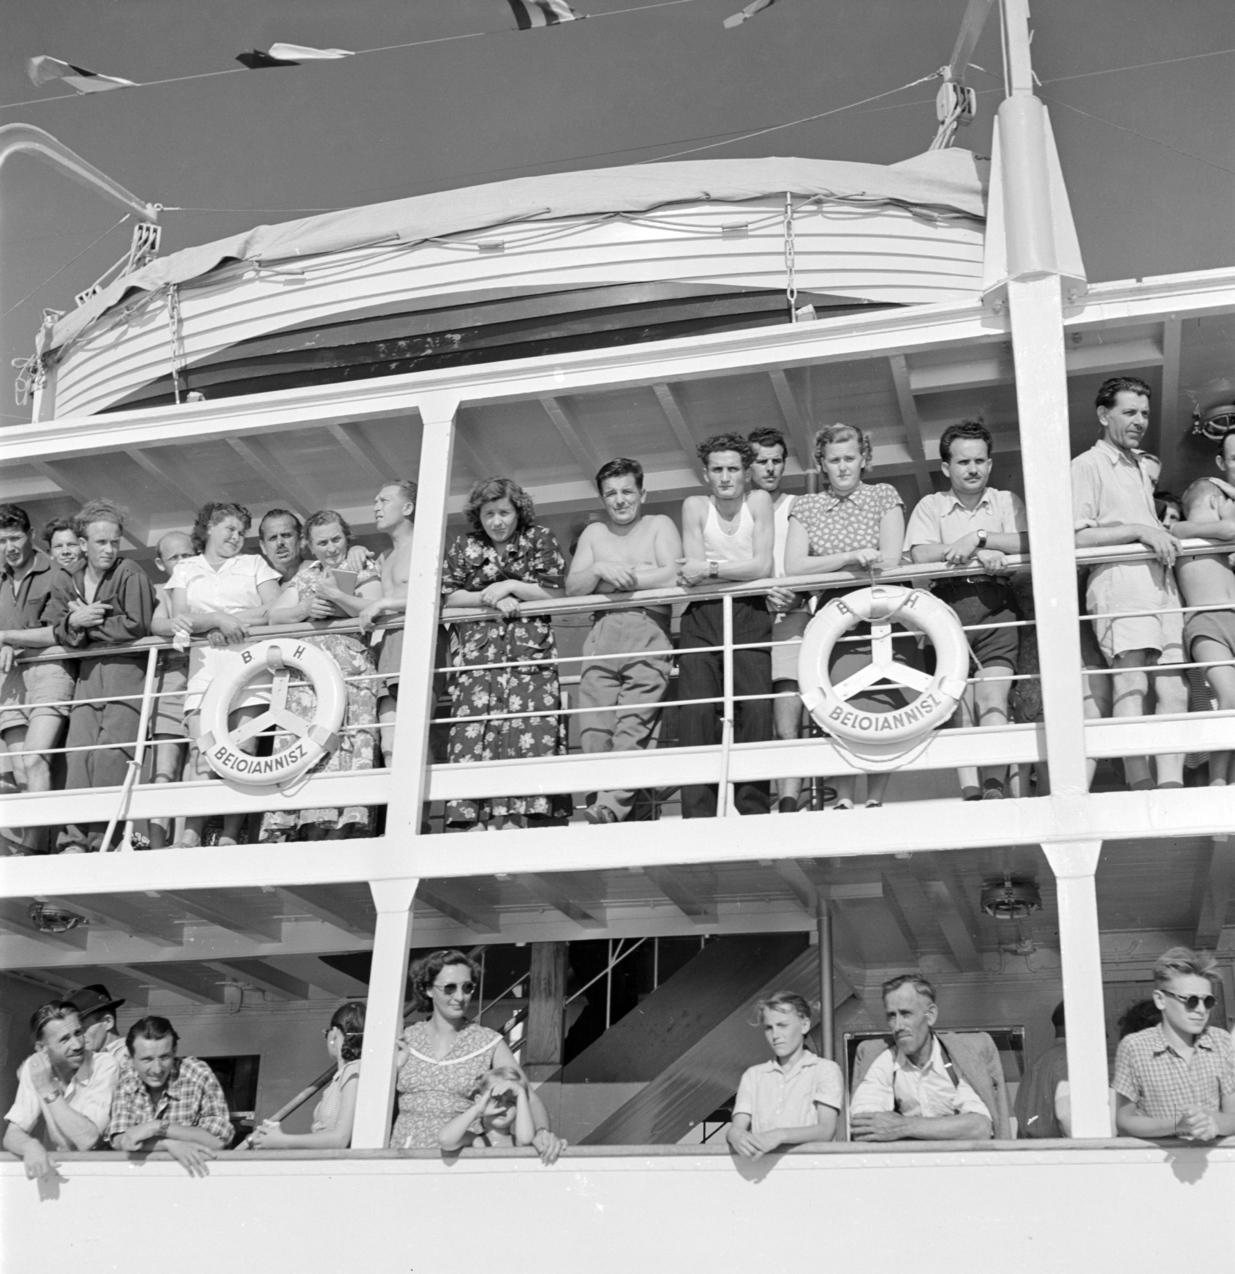 Balatonfüred, 1952. július 4. A Beloiannisz hajó utasai a hajó első útján Balatonfüredről, a hajóavatási ünnepségen. MTI Fotó/Magyar Fotó: Mező Sándor